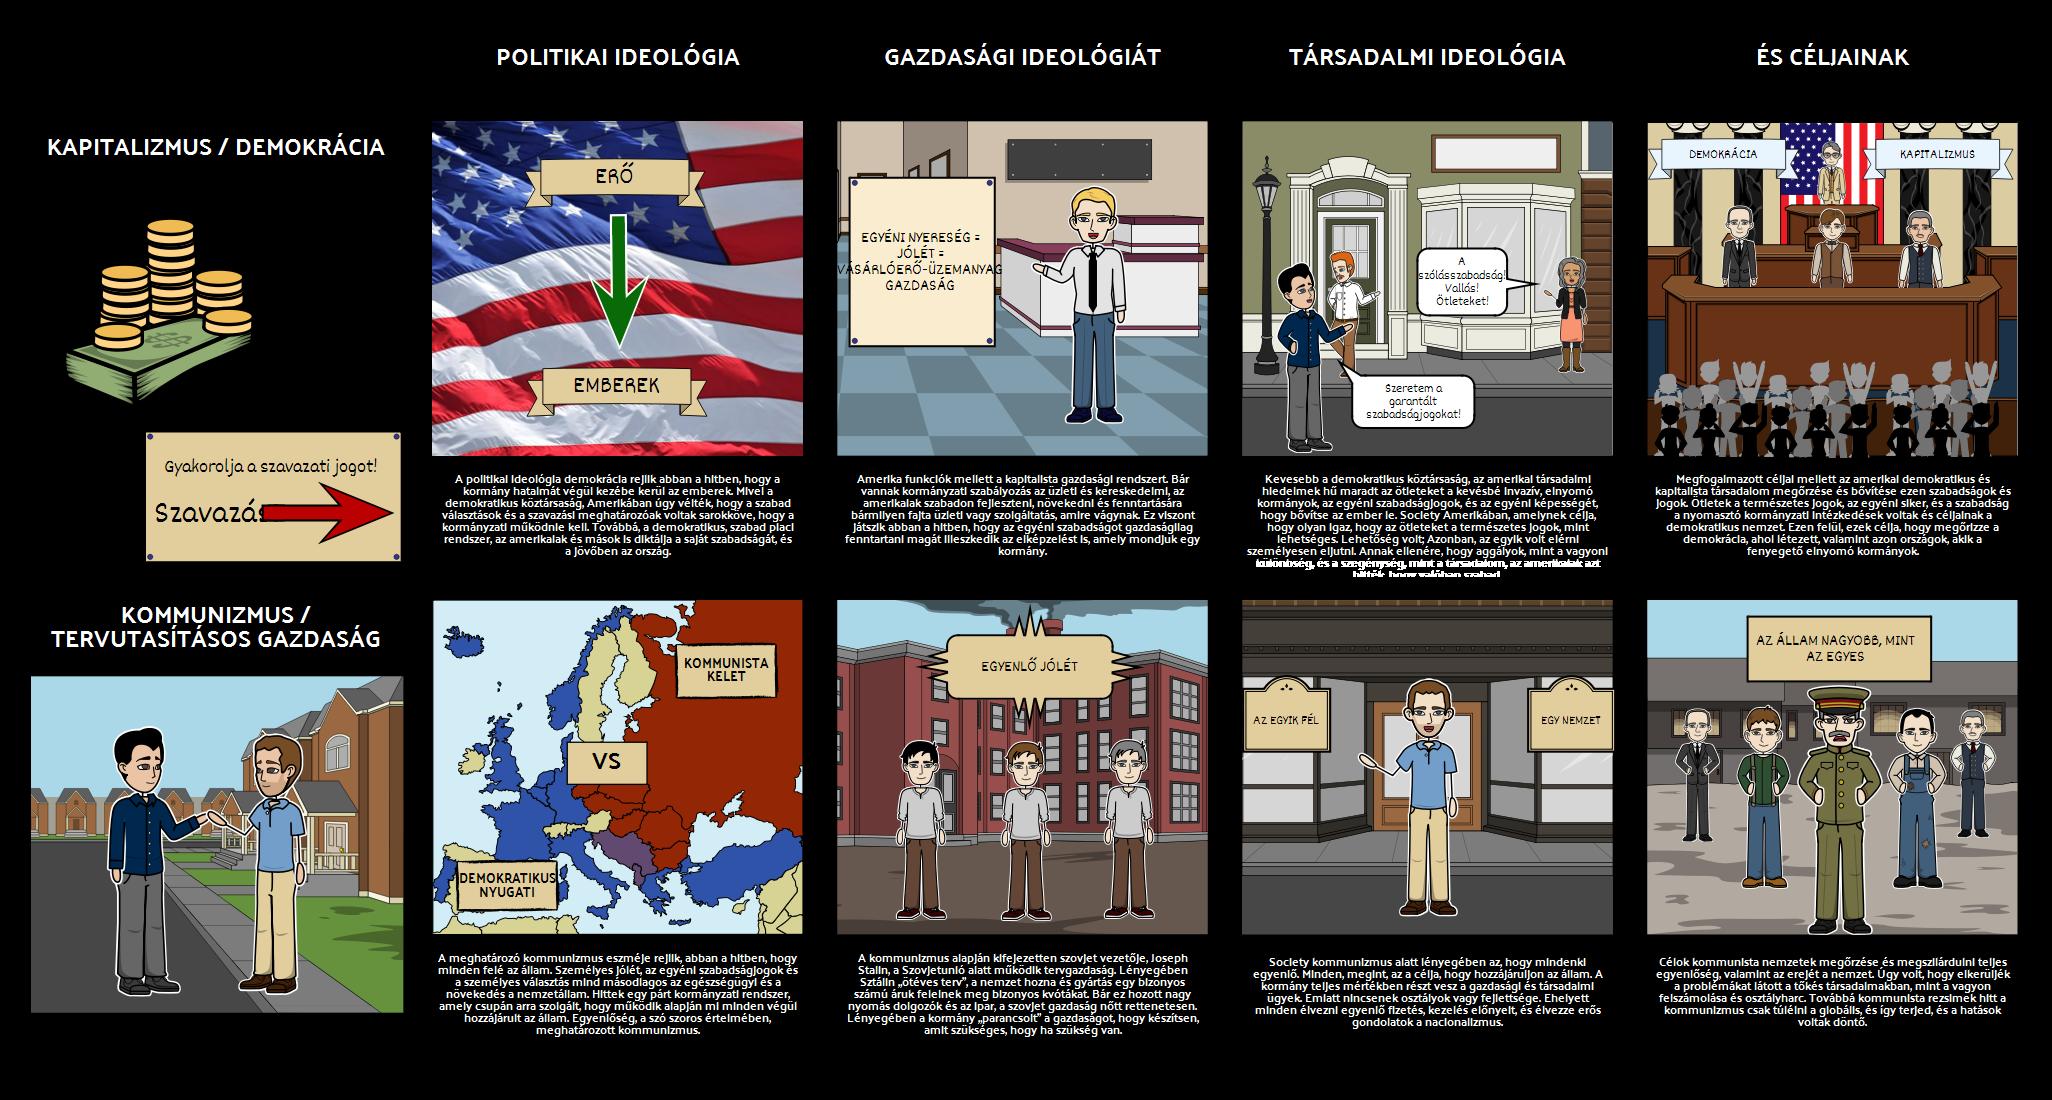 Összehasonlító Rács - Cold War - Kommunizmus vs. Kapitalizmus / Demokrácia